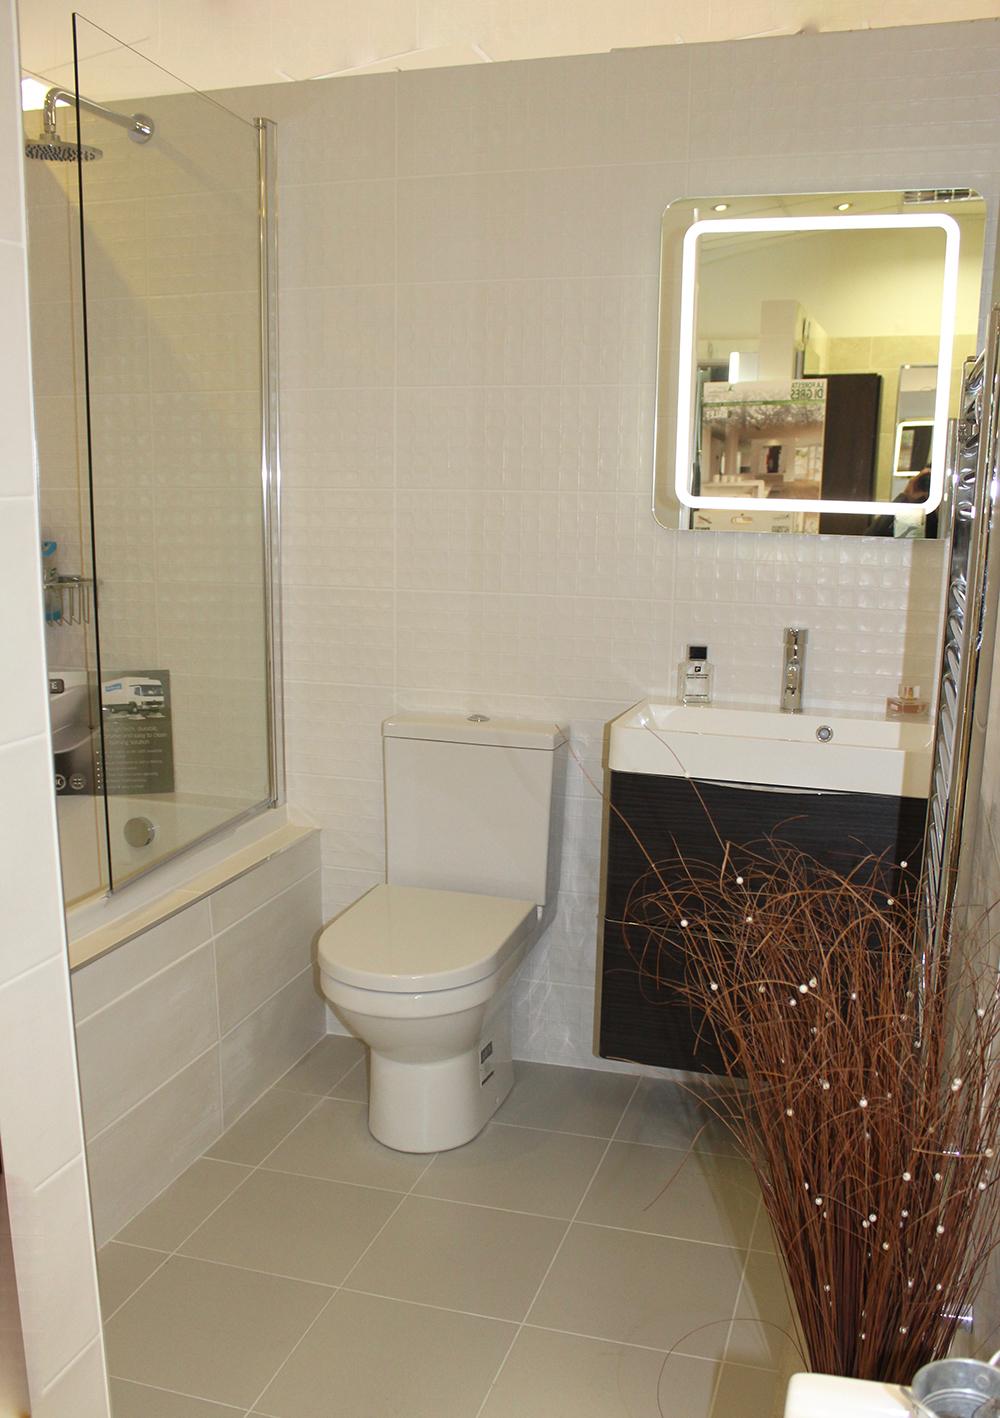 H&V Bathroom Suites Dublin Image 2